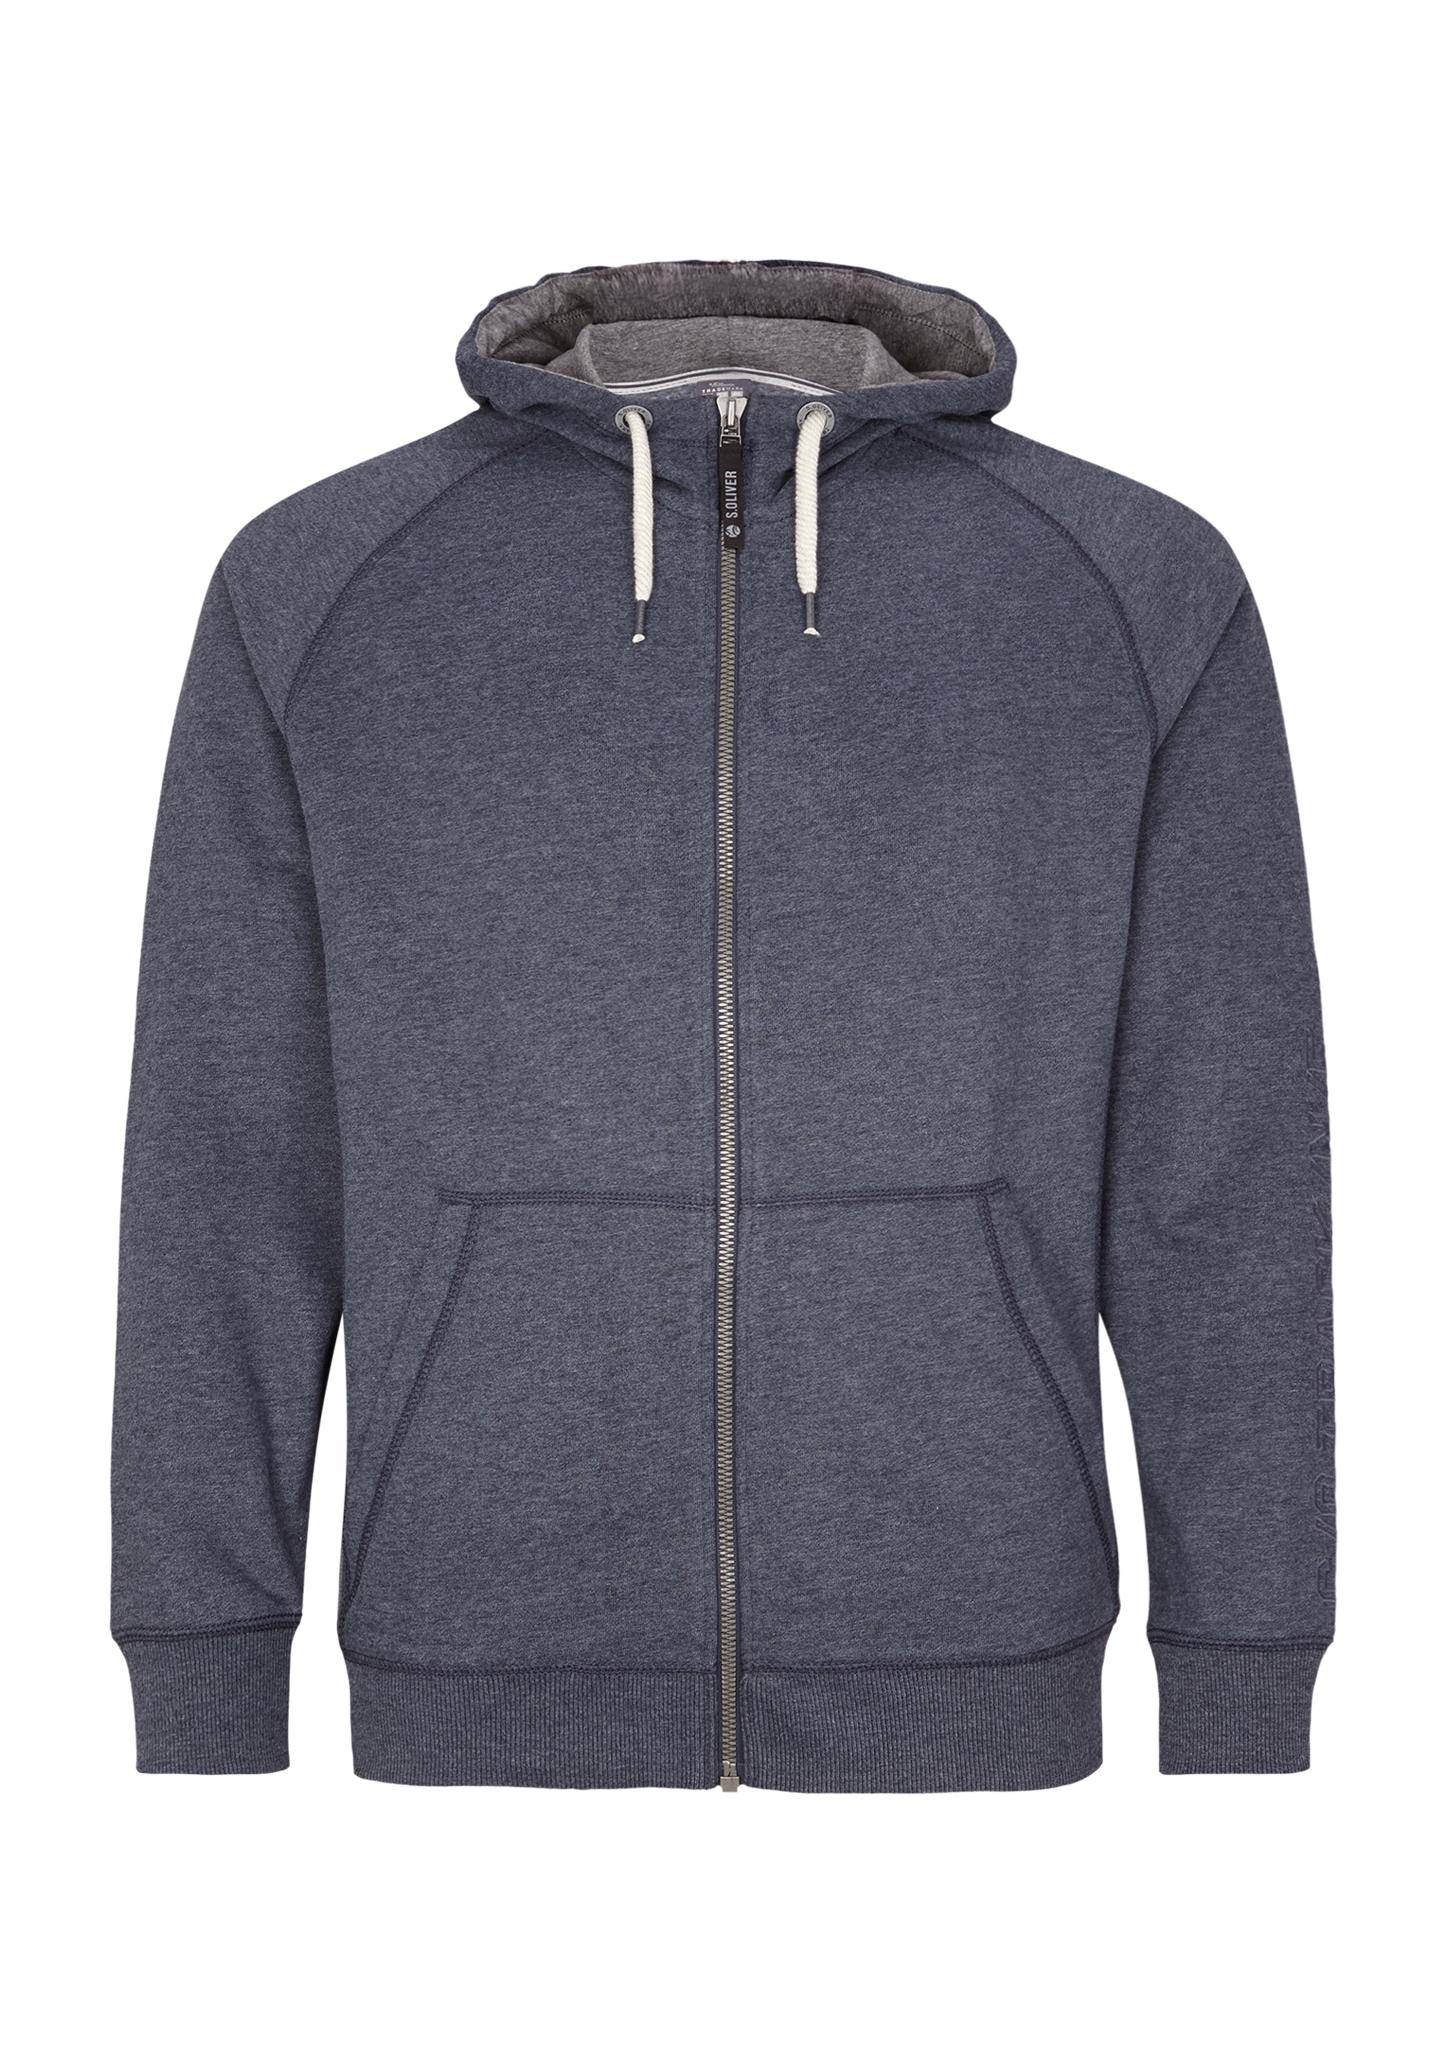 Sweatjacke | Bekleidung > Sweatshirts & -jacken > Sweatjacken | Blau | Obermaterial 73% baumwolle -  25% polyester -  2% viskose| manschette/bund 98% baumwolle -  2% viskose | s.Oliver Men Big Sizes